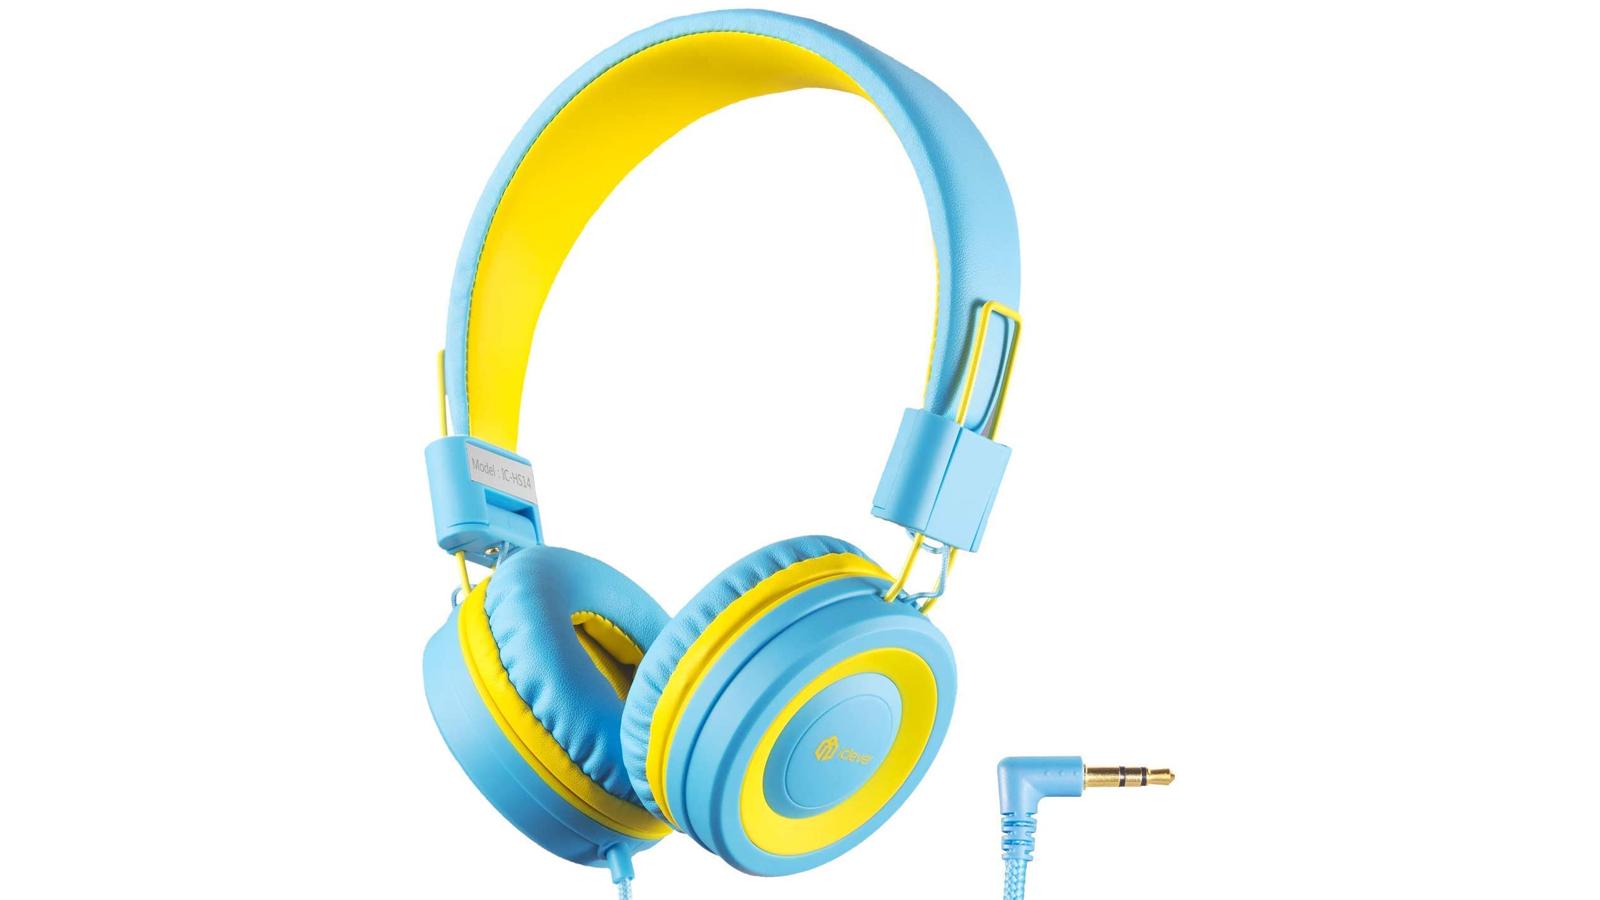 iClever super adjustable kids headphones